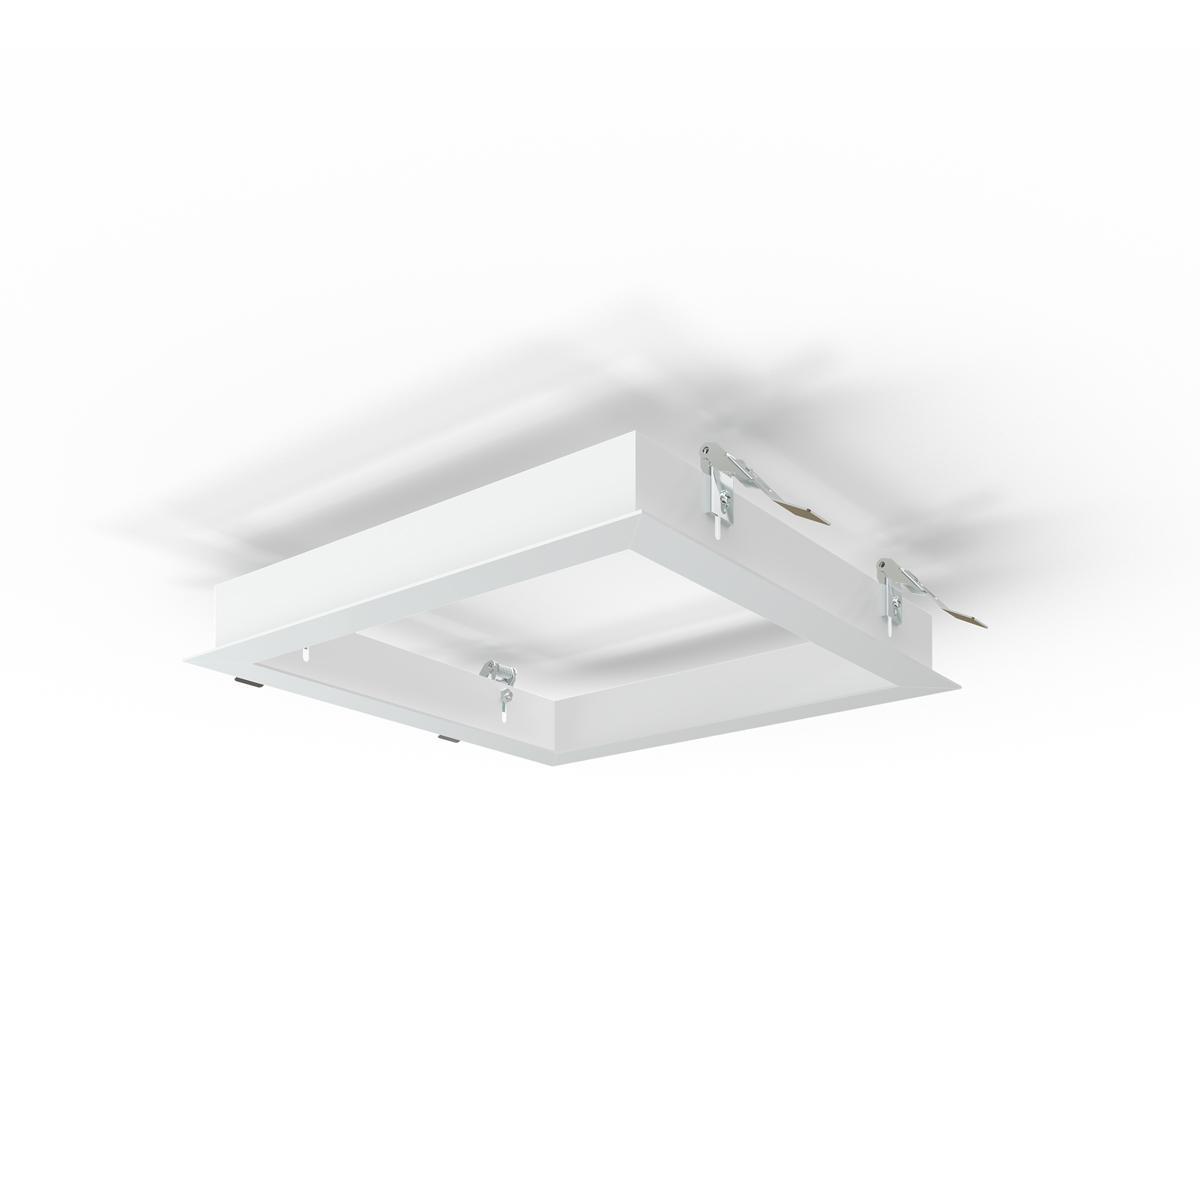 LED Panel Einbaurahmen 30x30cm weiß Deckeneinbau Montagerahmen für Rigipskartondecke